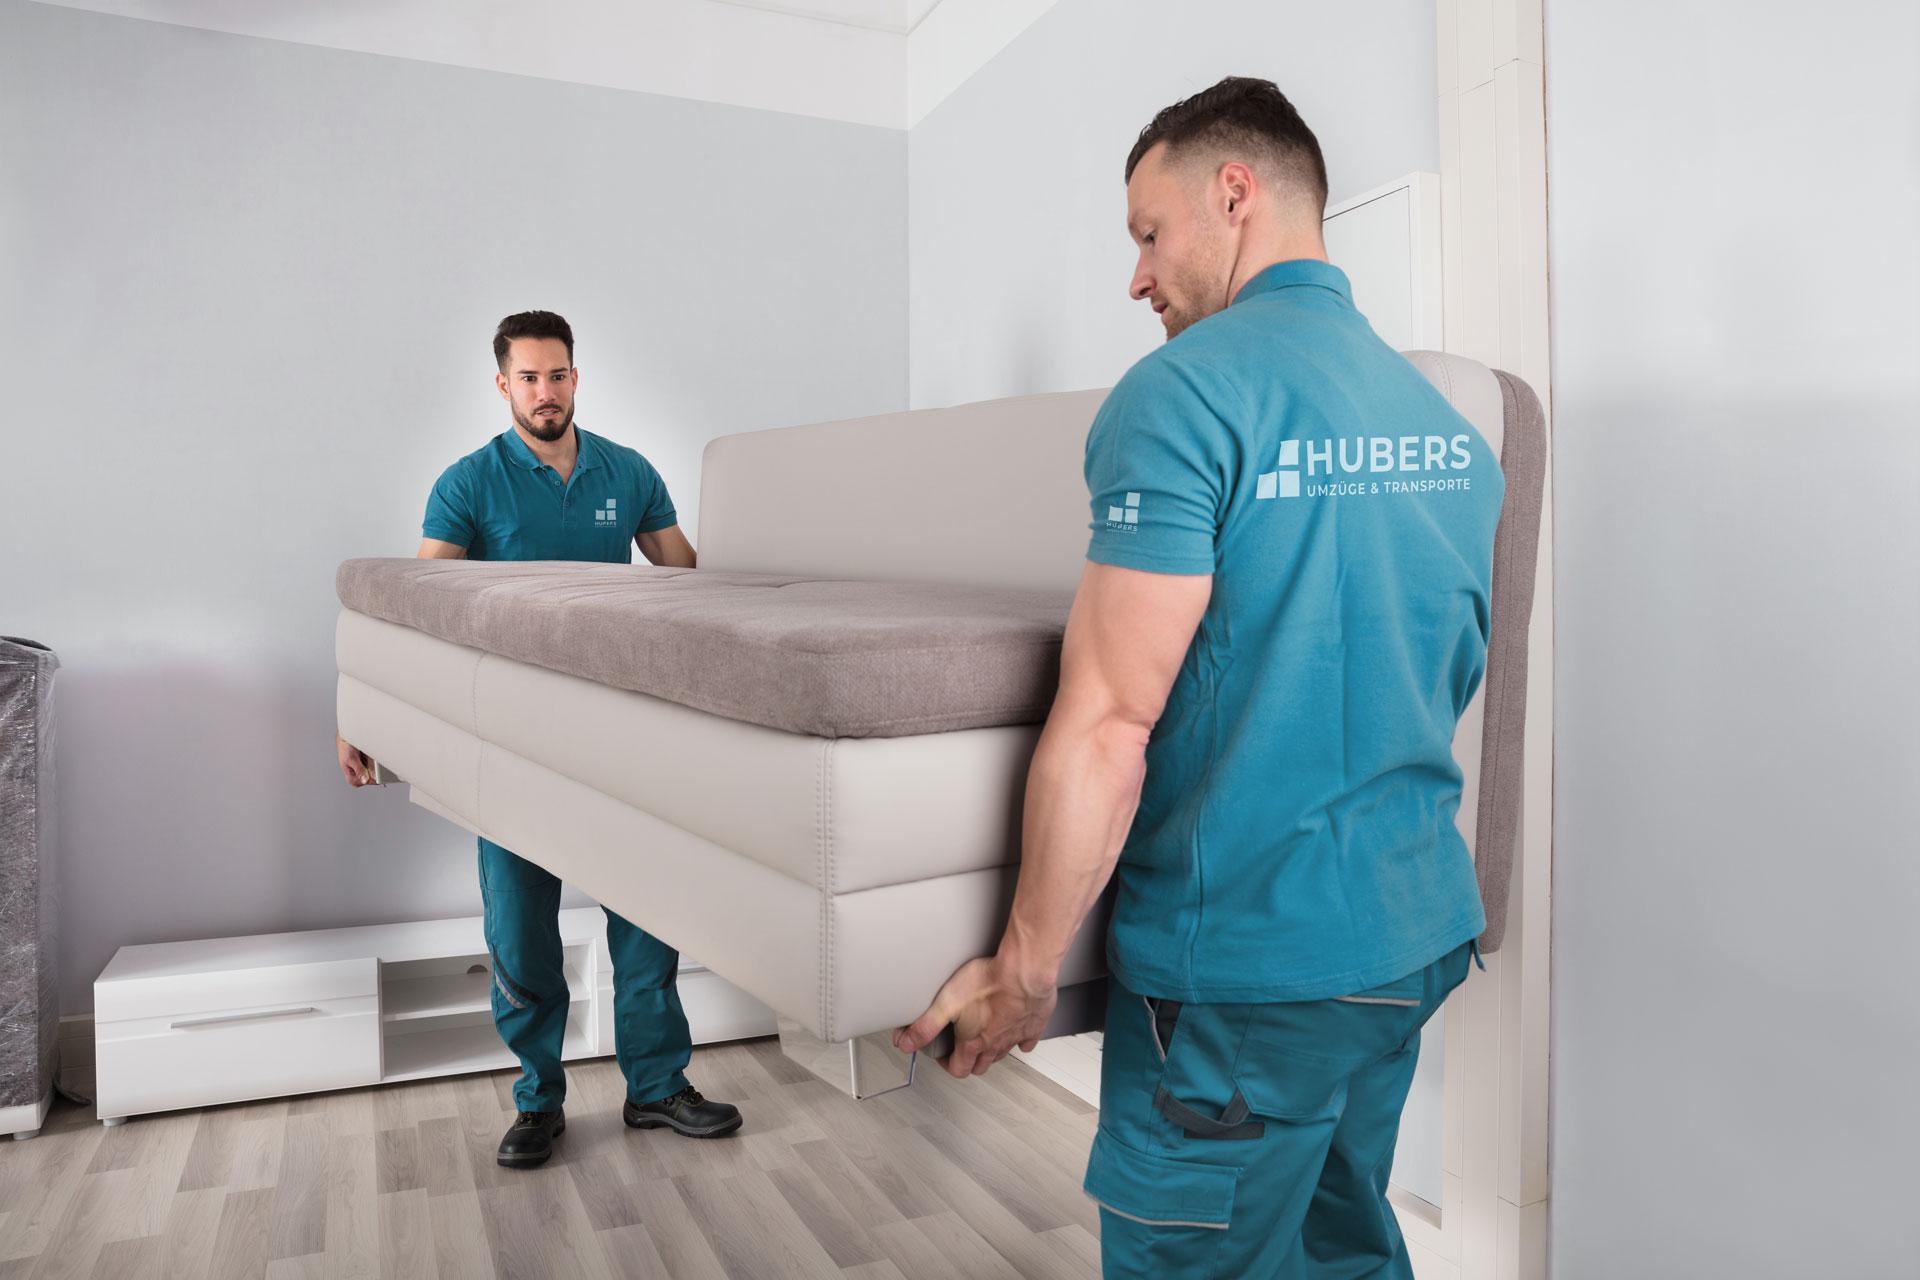 HUBERS, Ihr Umzugsunternehmen in Bottrop